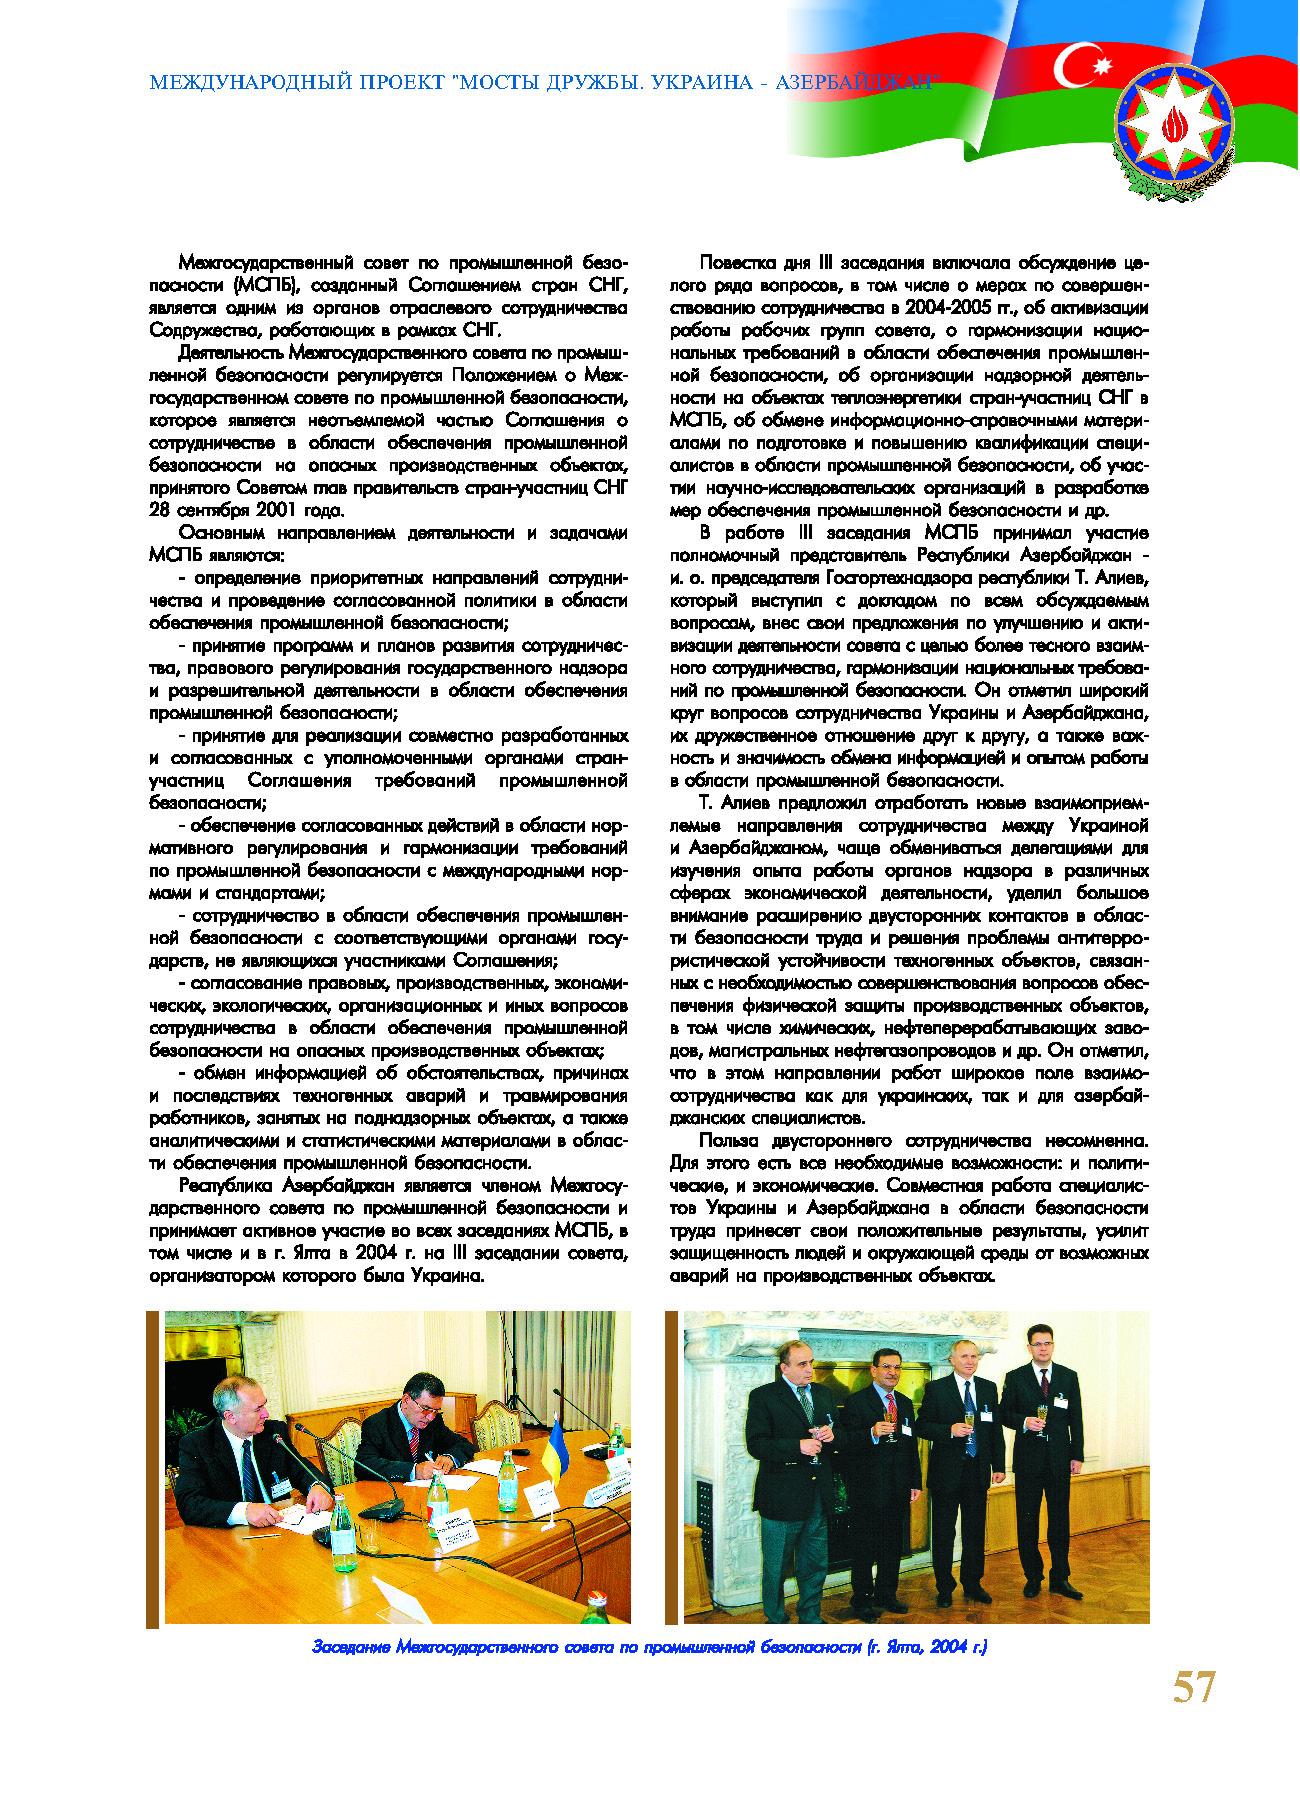 Международное сотрудничество Государственного комитета Азербайджанской Республики по надзору за безопасным ведением работ в промышленности и горному надзору